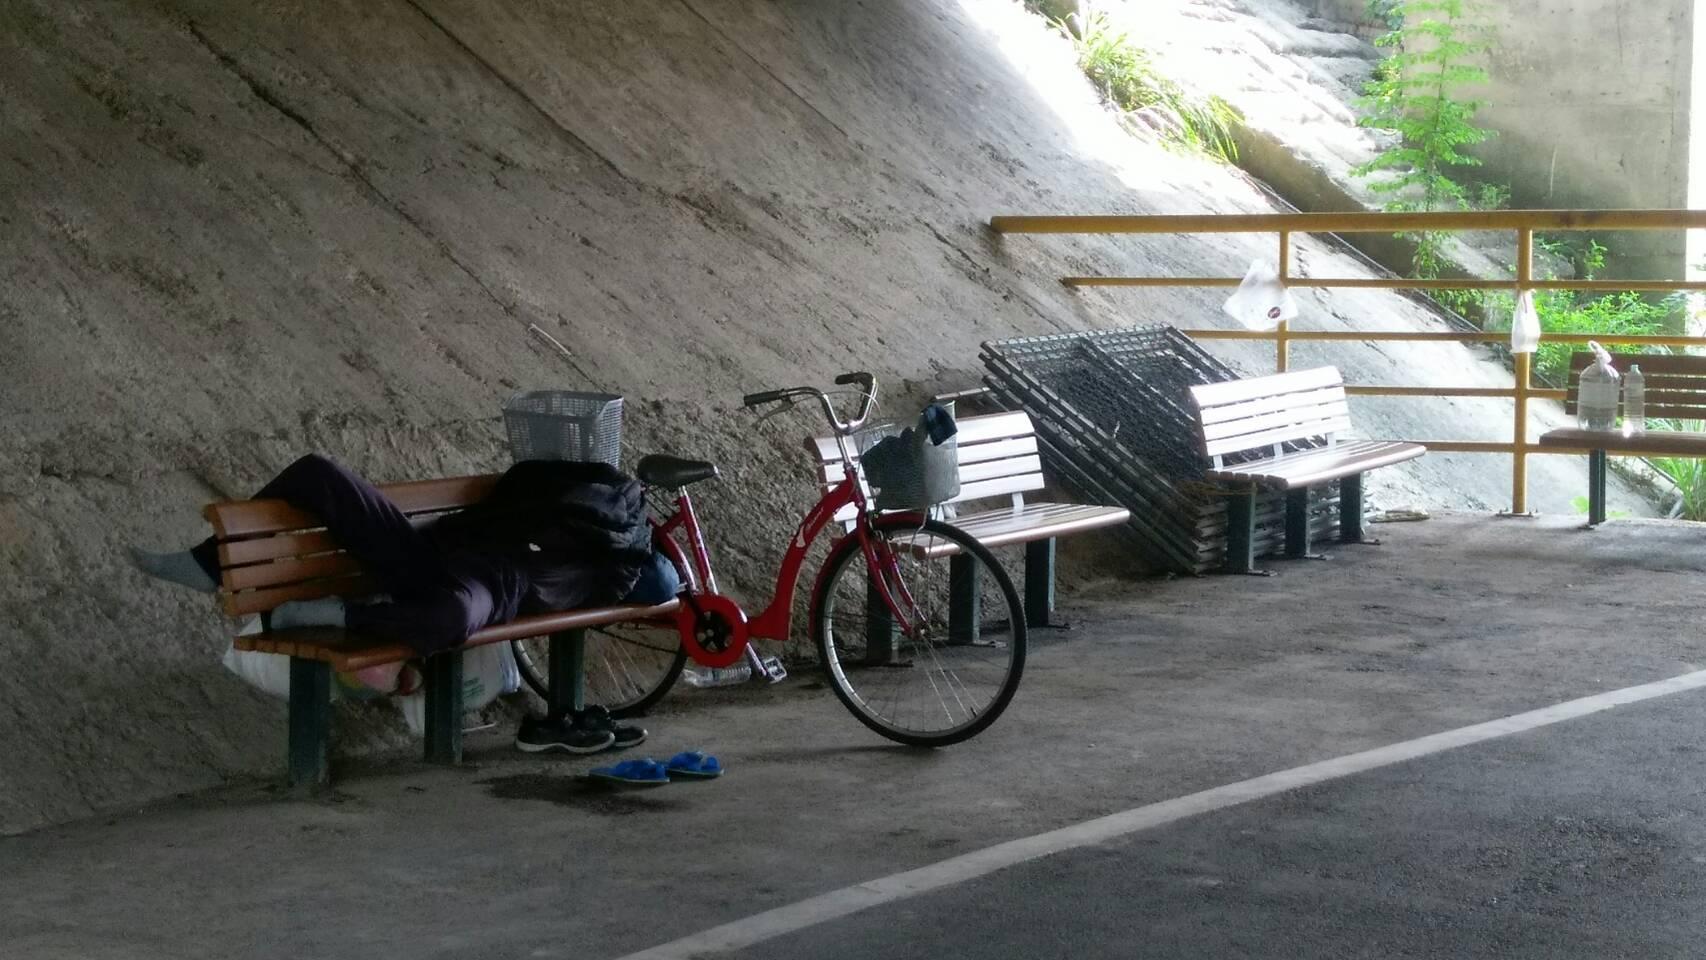 遊民於橋墩下方長椅休息,影響路過民眾觀感。 攝影/林聖捷